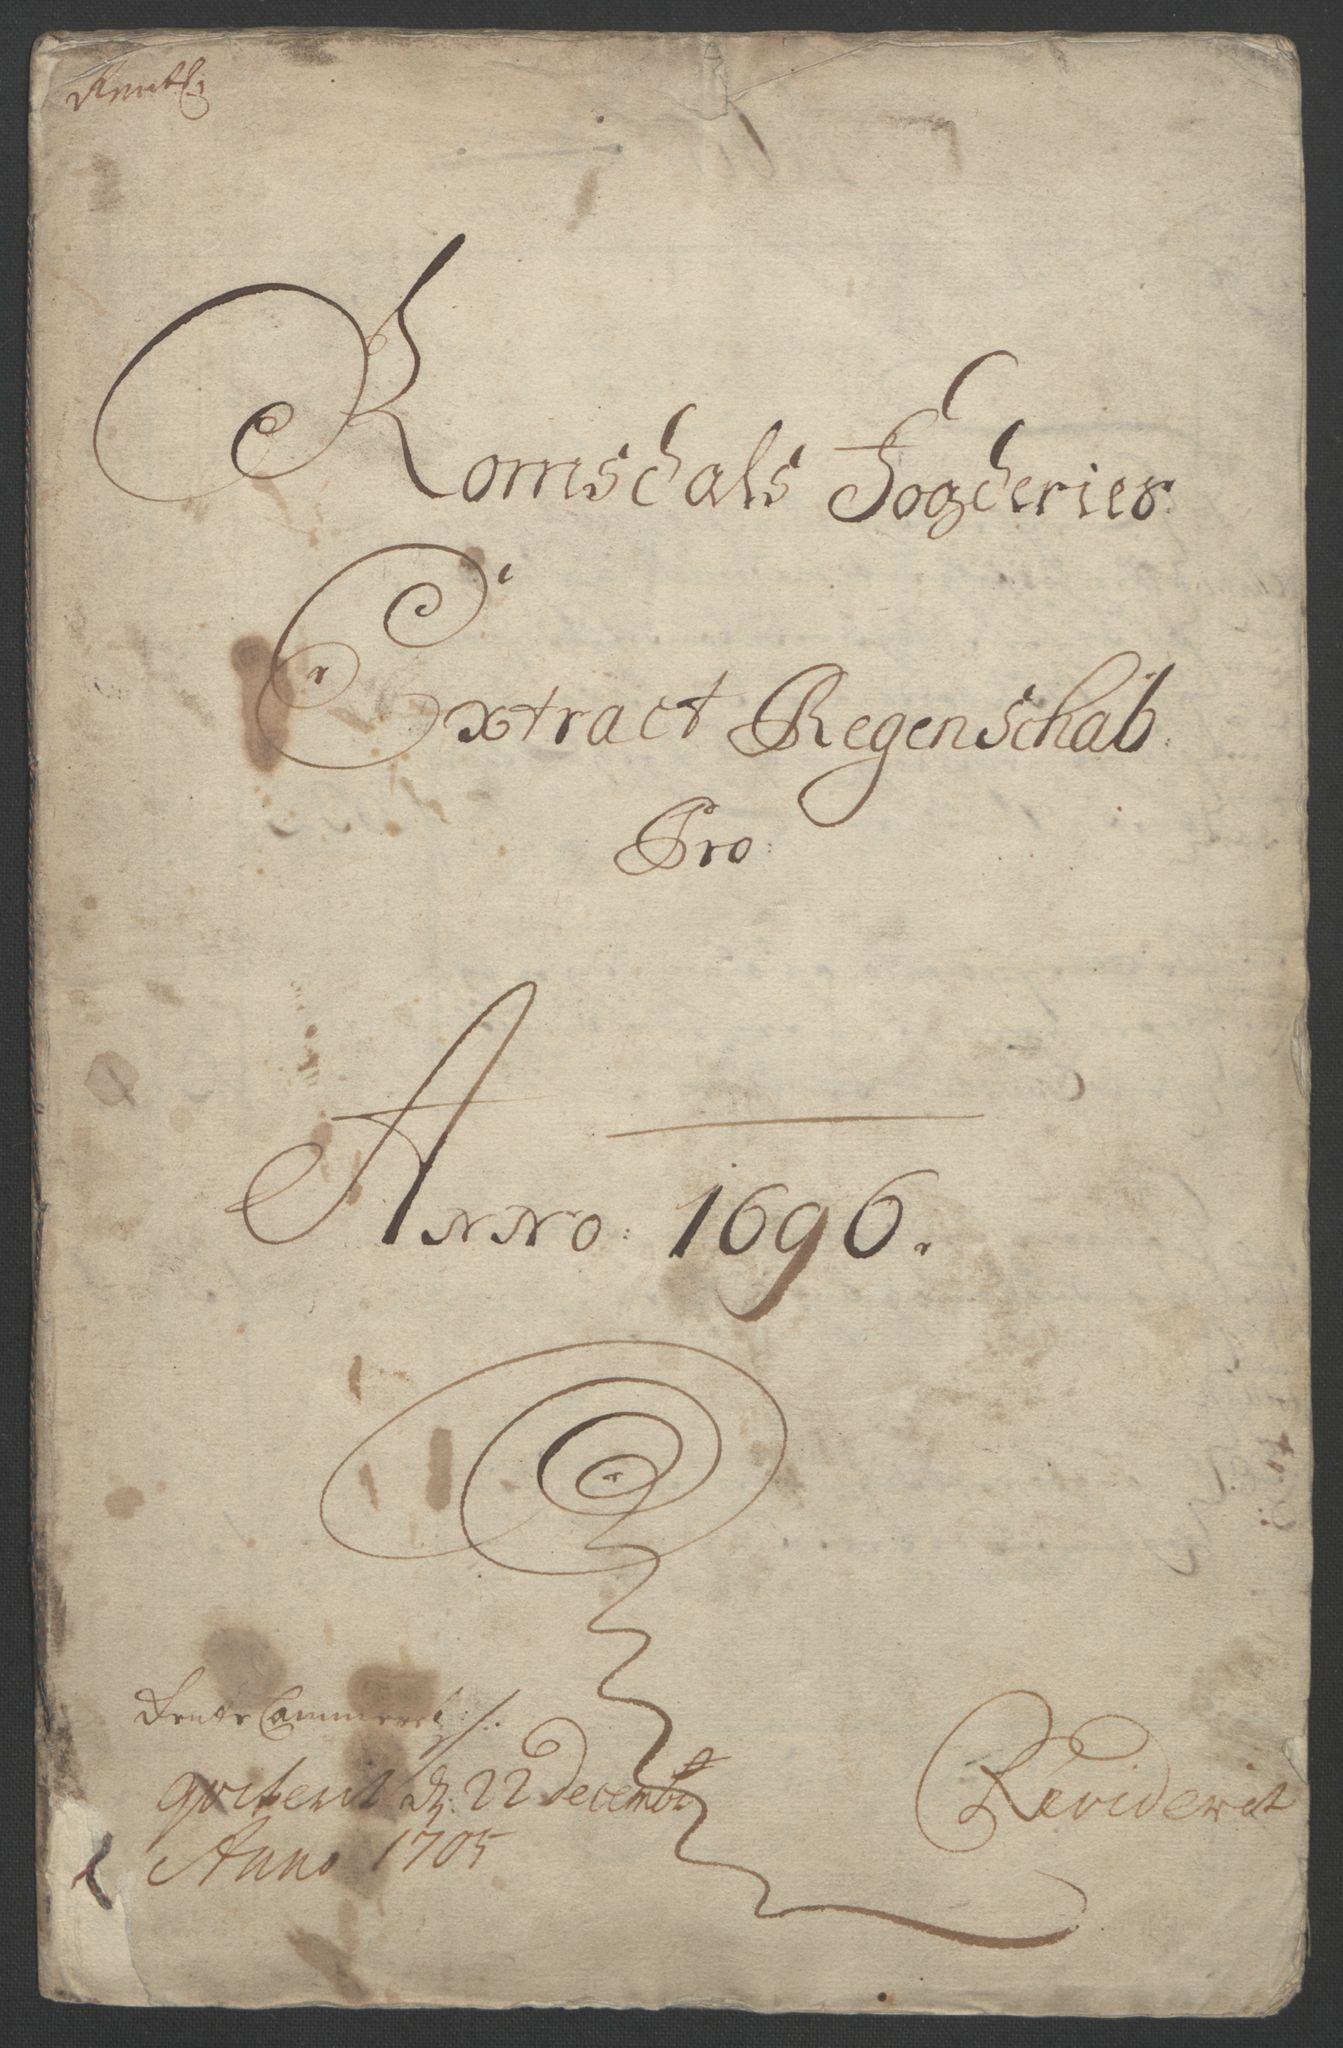 RA, Rentekammeret inntil 1814, Reviderte regnskaper, Fogderegnskap, R55/L3652: Fogderegnskap Romsdal, 1695-1696, s. 157